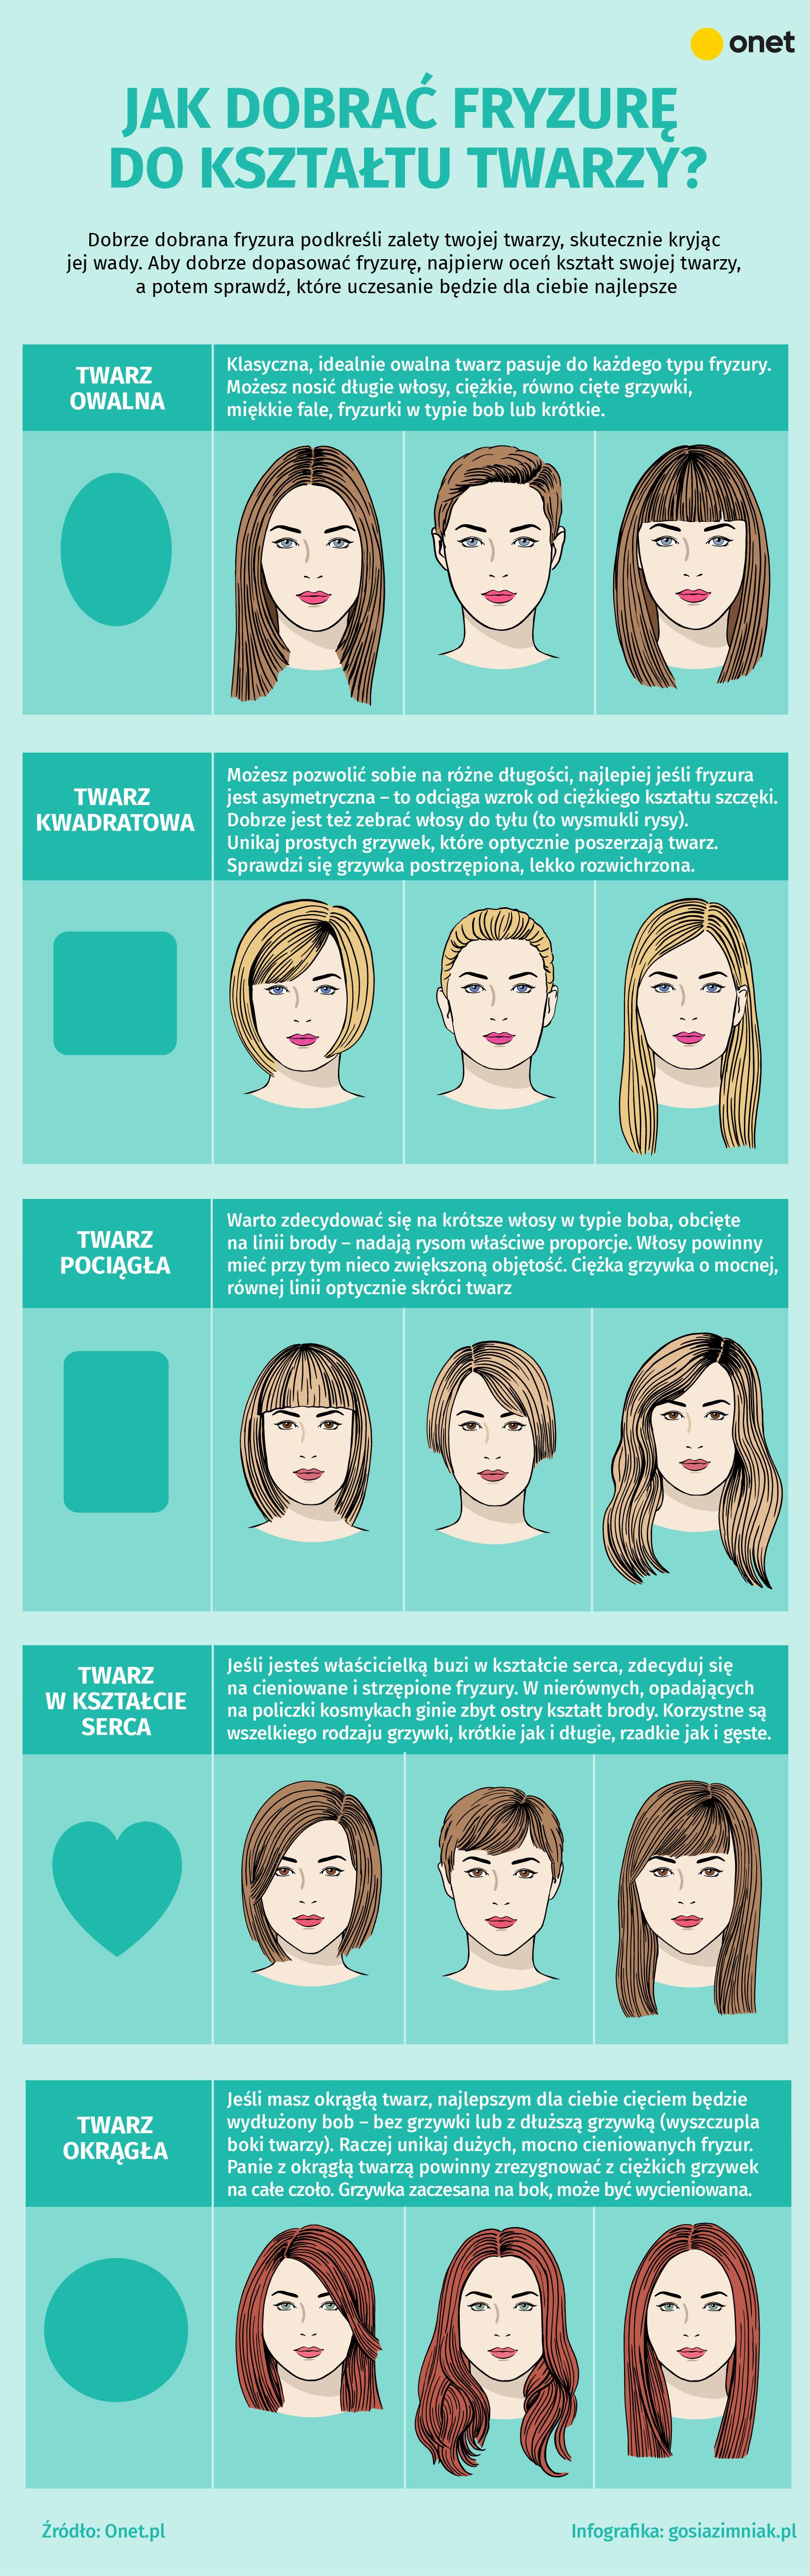 Jak Dobrać Fryzurę I Rodzaj Grzywki Do Kształtu Twarzy Infografika